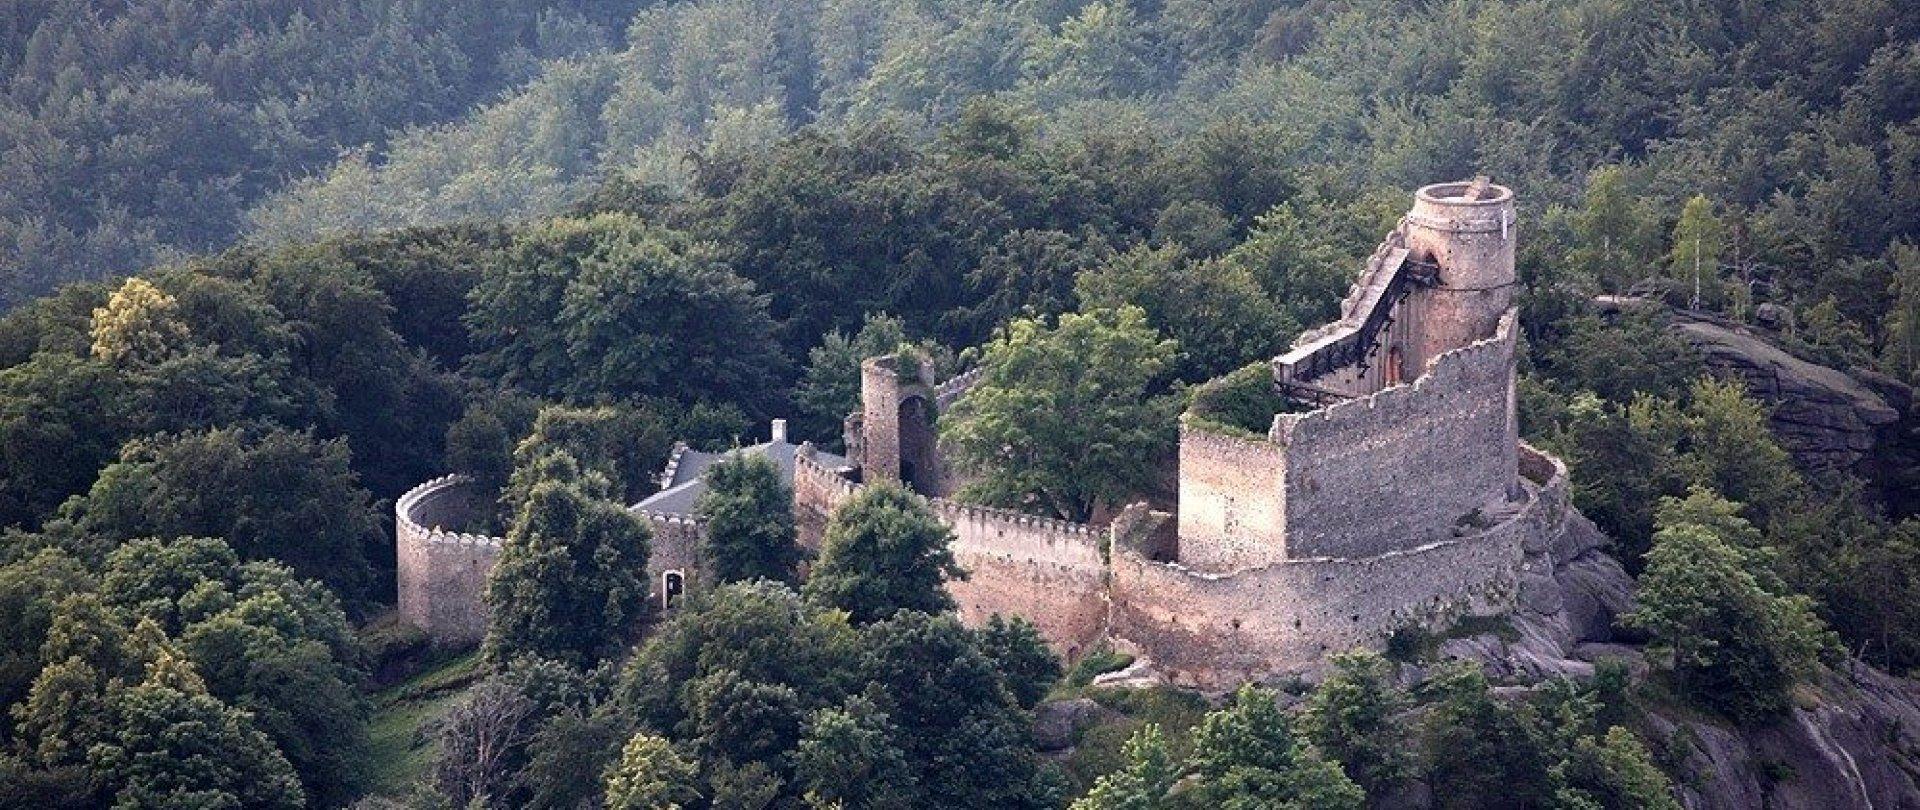 Zamek Chojnik z Zachełmia